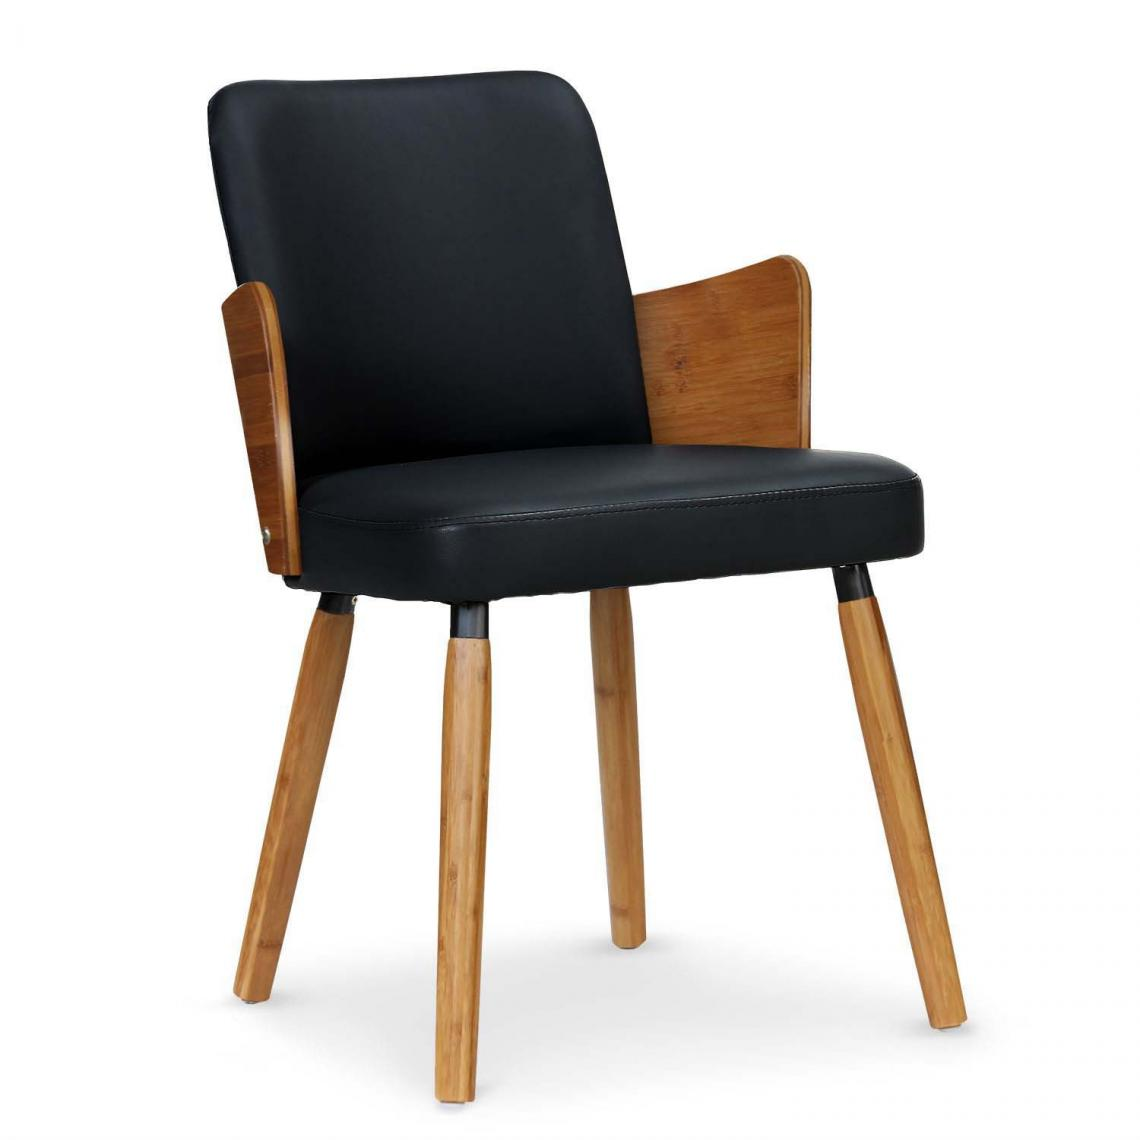 lot de 2 chaises scandinaves bois et noir phibie